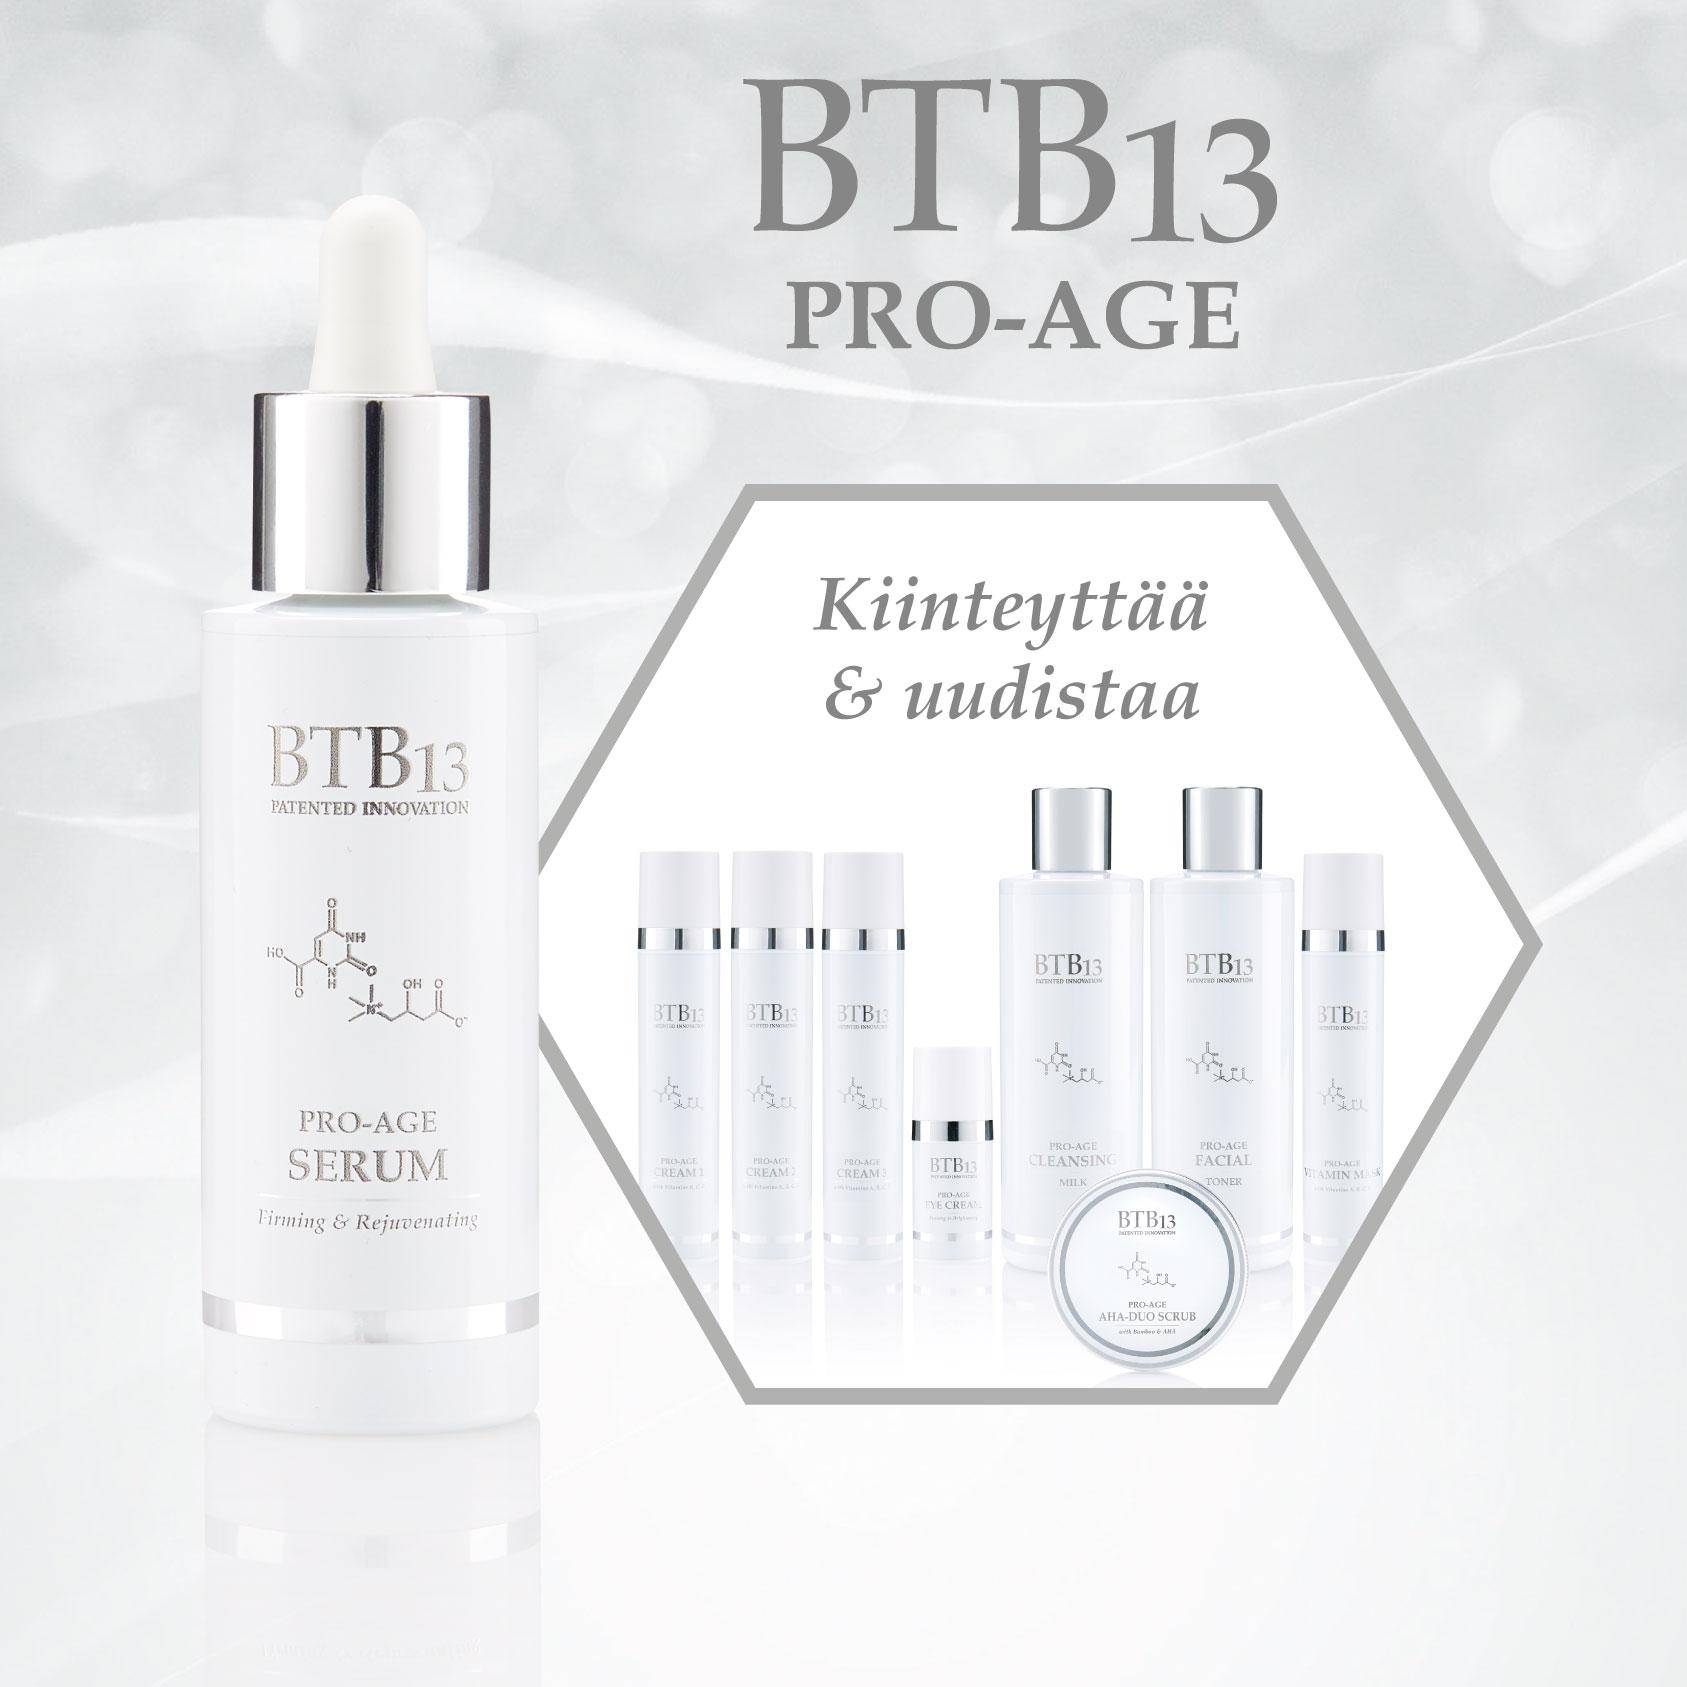 BTB13 - BTB13-sarja on suomalainen ainutlaatuinen kantasoluja aktivoiva hoitosarja.BTB13 PRO AGE on kehitetty estämään ihon ikääntymiseen merkkejä sekä vahvistamaan ihoa ja aktivoimaan sen uusiutumista. Tuotteiden hinnat 38-98€. Tuotteilla on kiinteyttävä ja uudistava vaikutus iholle.BTB13 SENSITIVE rauhoittaa ja suojaa herkkää ihoa sekä kosteuttaa ja vahvistaa ihon rakennetta. Tuotteiden hinnat 28-68€. Tuotteilla on vahvistava ja rauhoittava vaikutus iholle.BTB13 MEDICAL on tuo ratkaisun rasvoittuvaan ihoon ja ihon epäpuhtauksiin. Tuotteiden hinnat 28-56€. Tuotteilla on uudistava ja korjaava vaikutus iholle.BTB13 on suomalainen tieteellinen innovaatio - Oulun yliopiston tutkimusryhmän tuotekehittelyn tuloksena syntynyt, kotimainen, patentoitu tuote. Tutkitusti vaikuttavat tehoaineet ja puhdas sisältö, ei turhia kemikaaleja. Sisältää luonnon parhaita öljyjä ja uutteita. Kosmetologien ja klinikoiden kautta myytävä ammattikosmetiikkasarja, joka valmistetaan alusta loppuun Suomessa.